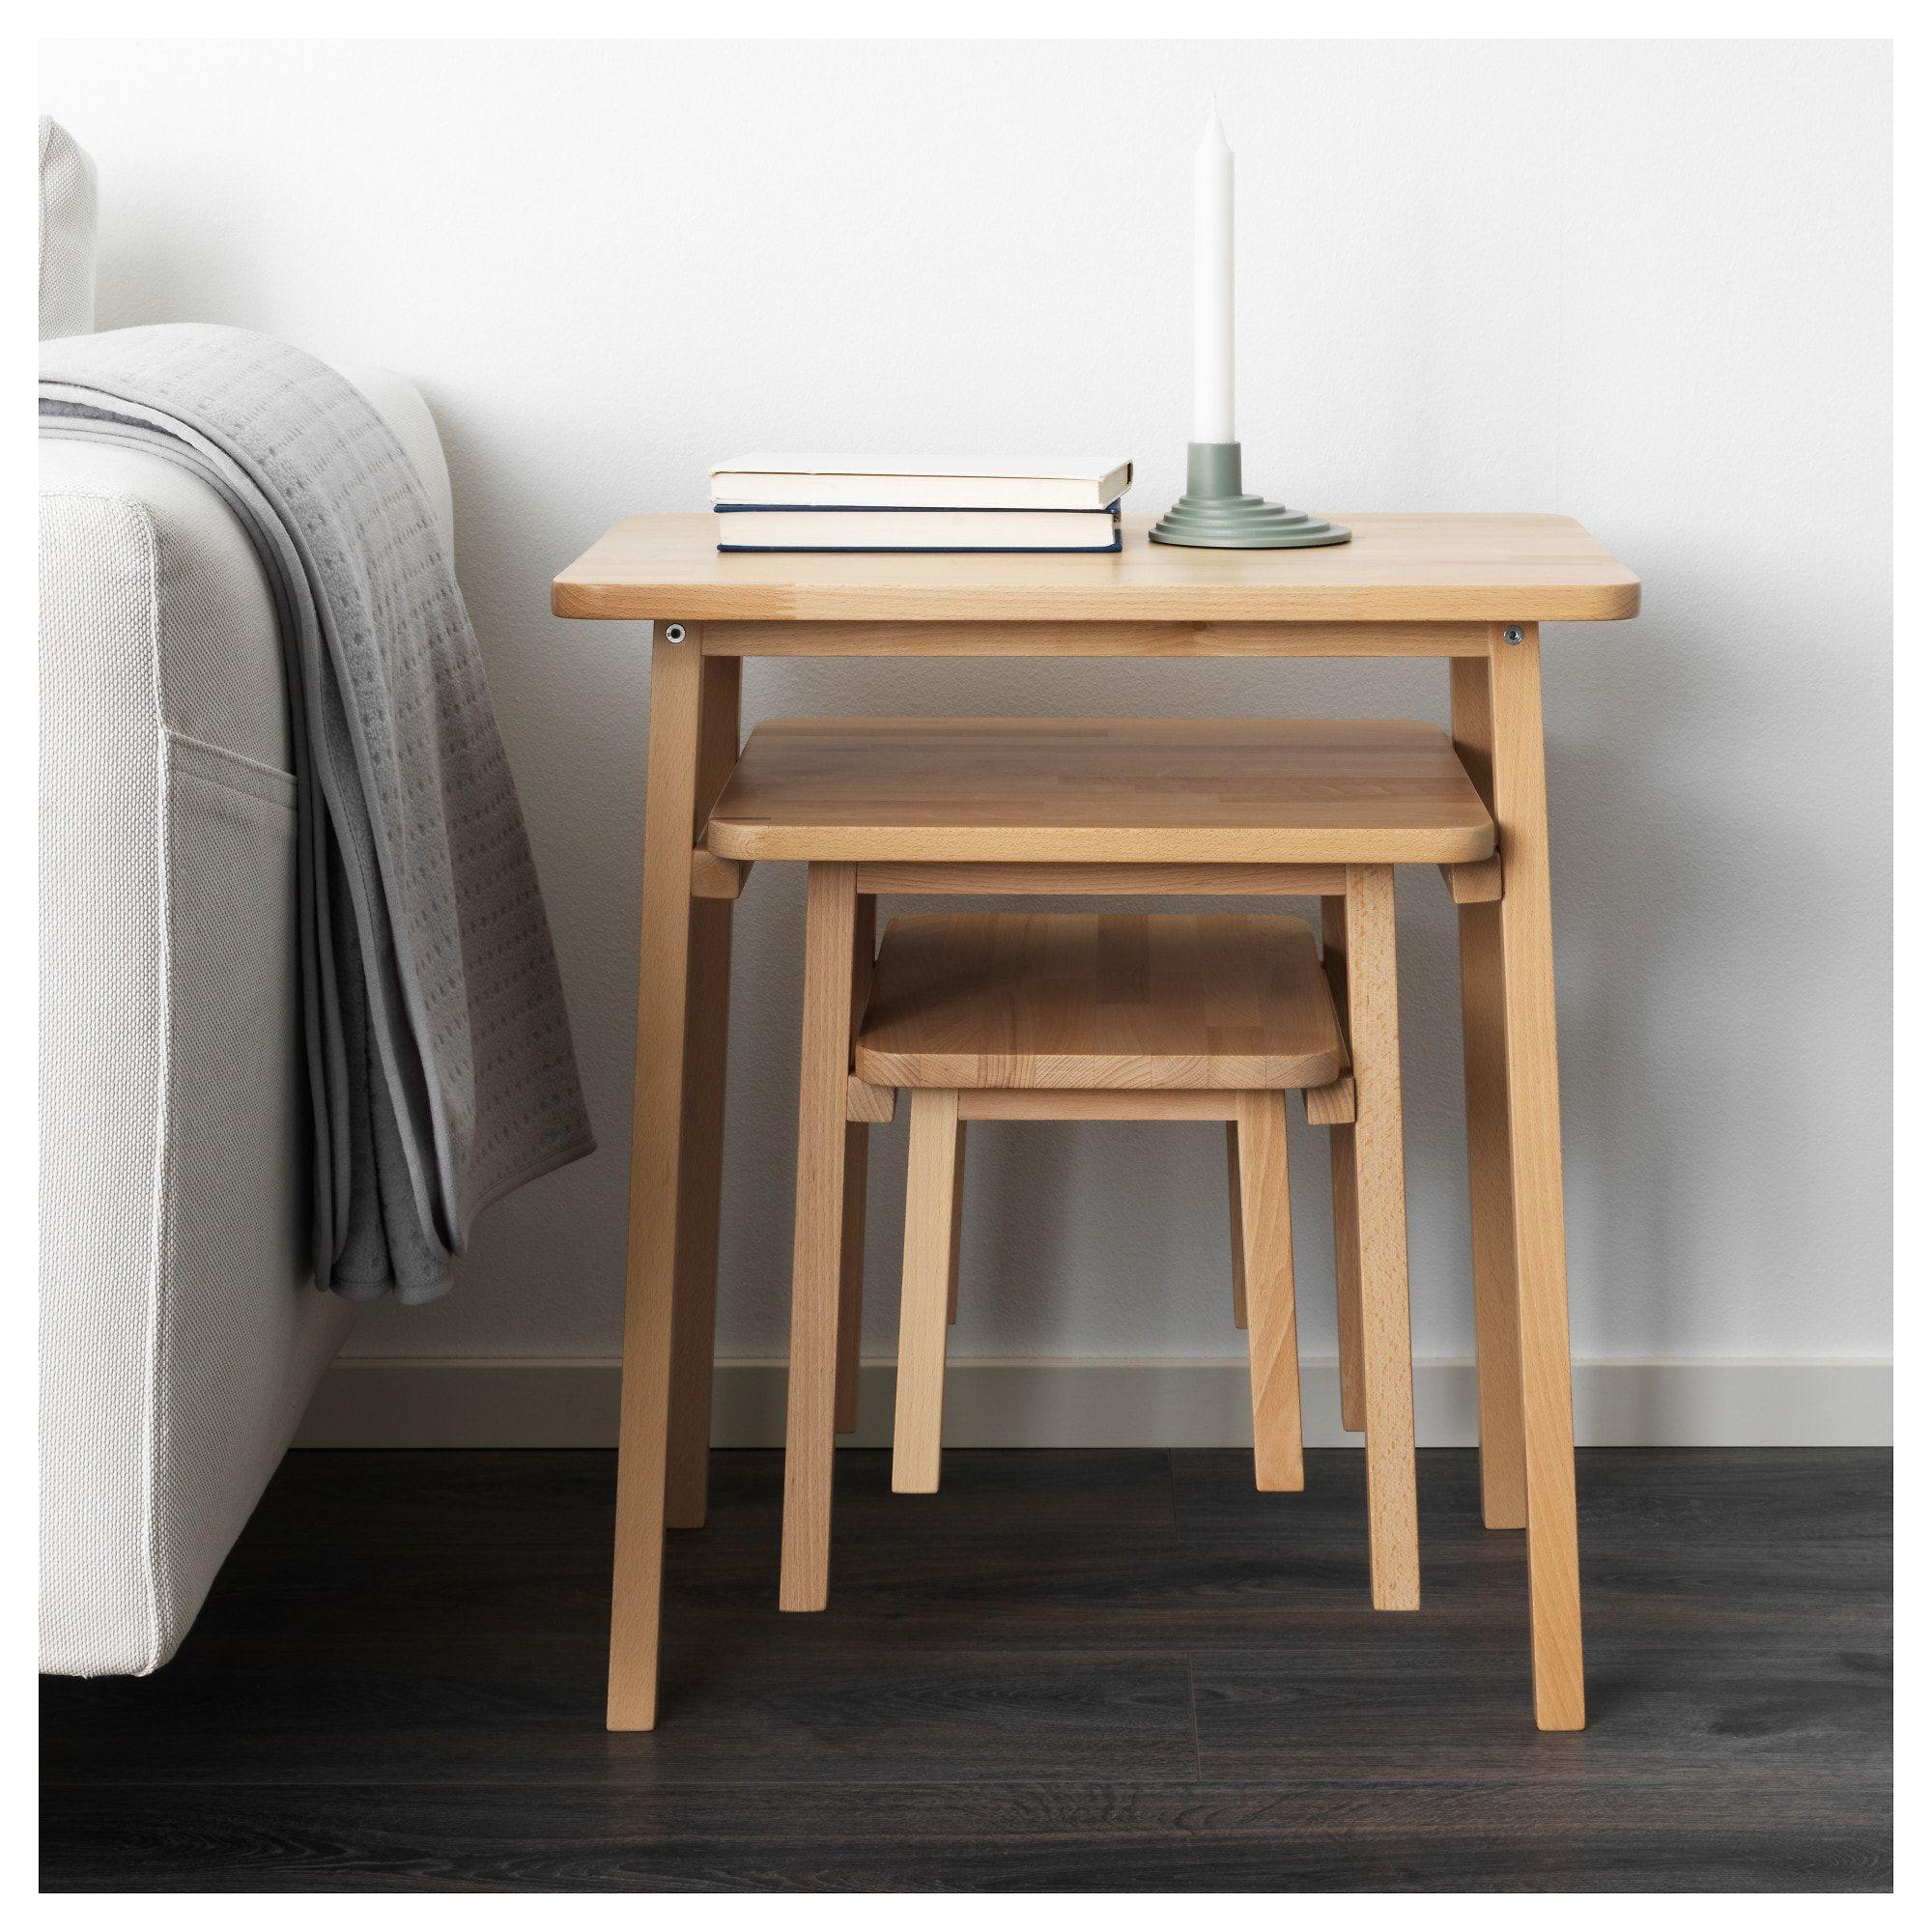 Ikea Australia Affordable Swedish Home Furniture Moveis Para Espacos Pequenos Espacos Pequenos Moveis Para Sala De Estar [ 2000 x 2000 Pixel ]